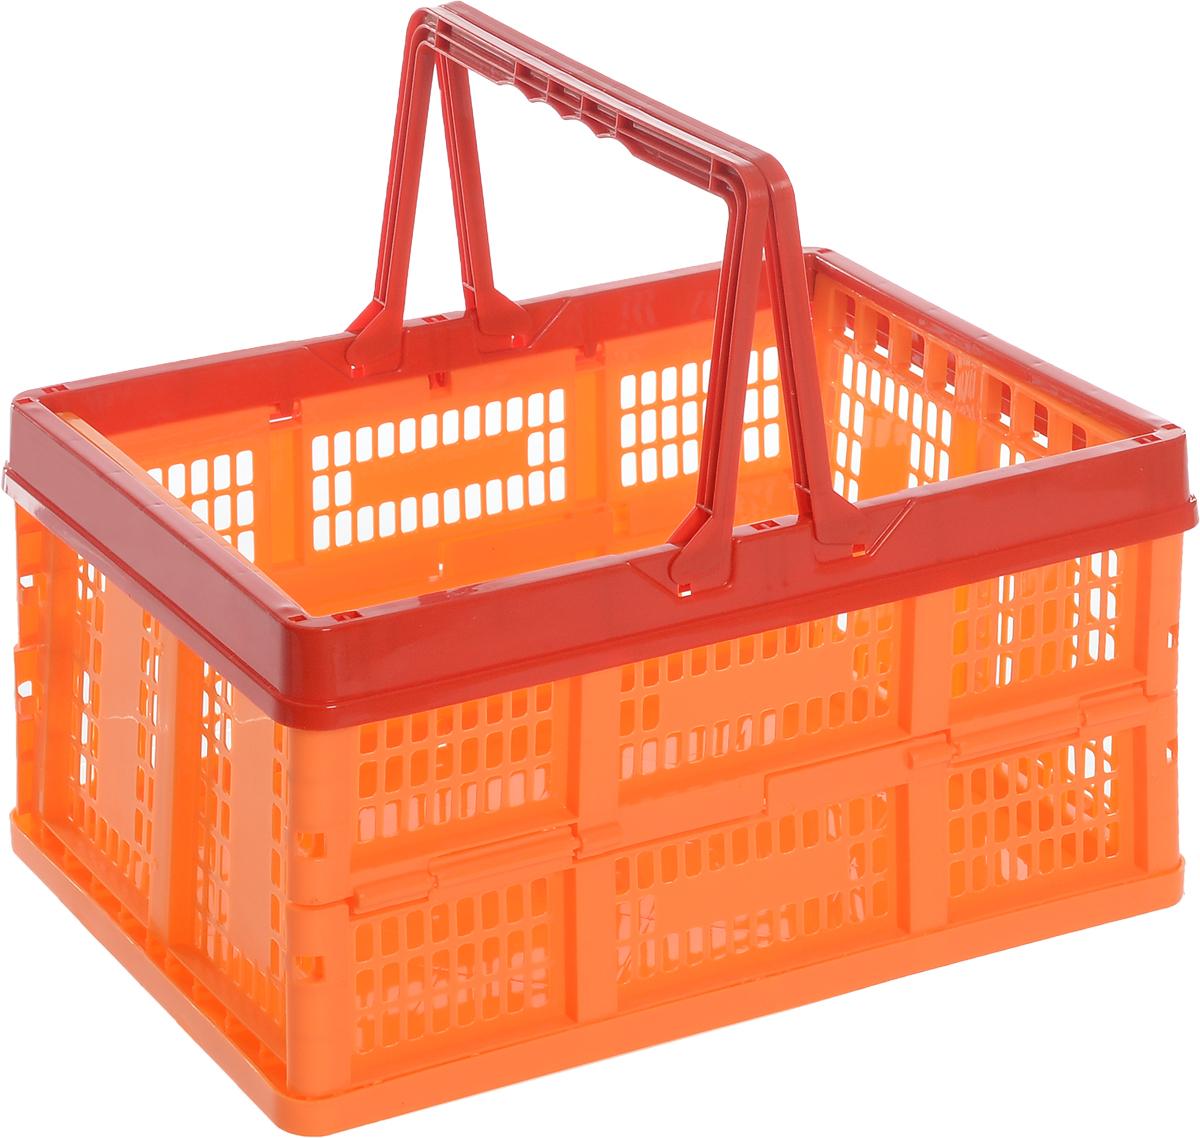 Ящик универсальный Альтернатива, раскладной, цвет: красный, оранжевый, 38,5 х 25,5 х 21 см662034Универсальный ящик Альтернатива изготовлен из высококачественного пластика. Ящик предназначен для хранения и транспортировки овощей. Он оснащен ручками для переноски. При необходимости ящик можно сложить. Ящик компактный, он не займет много места. Универсальный ящик Альтернатива станет незаменимым дома или на даче.Размер ящика (ДхШхВ): 38,5см х 25,5 см х 21 см.